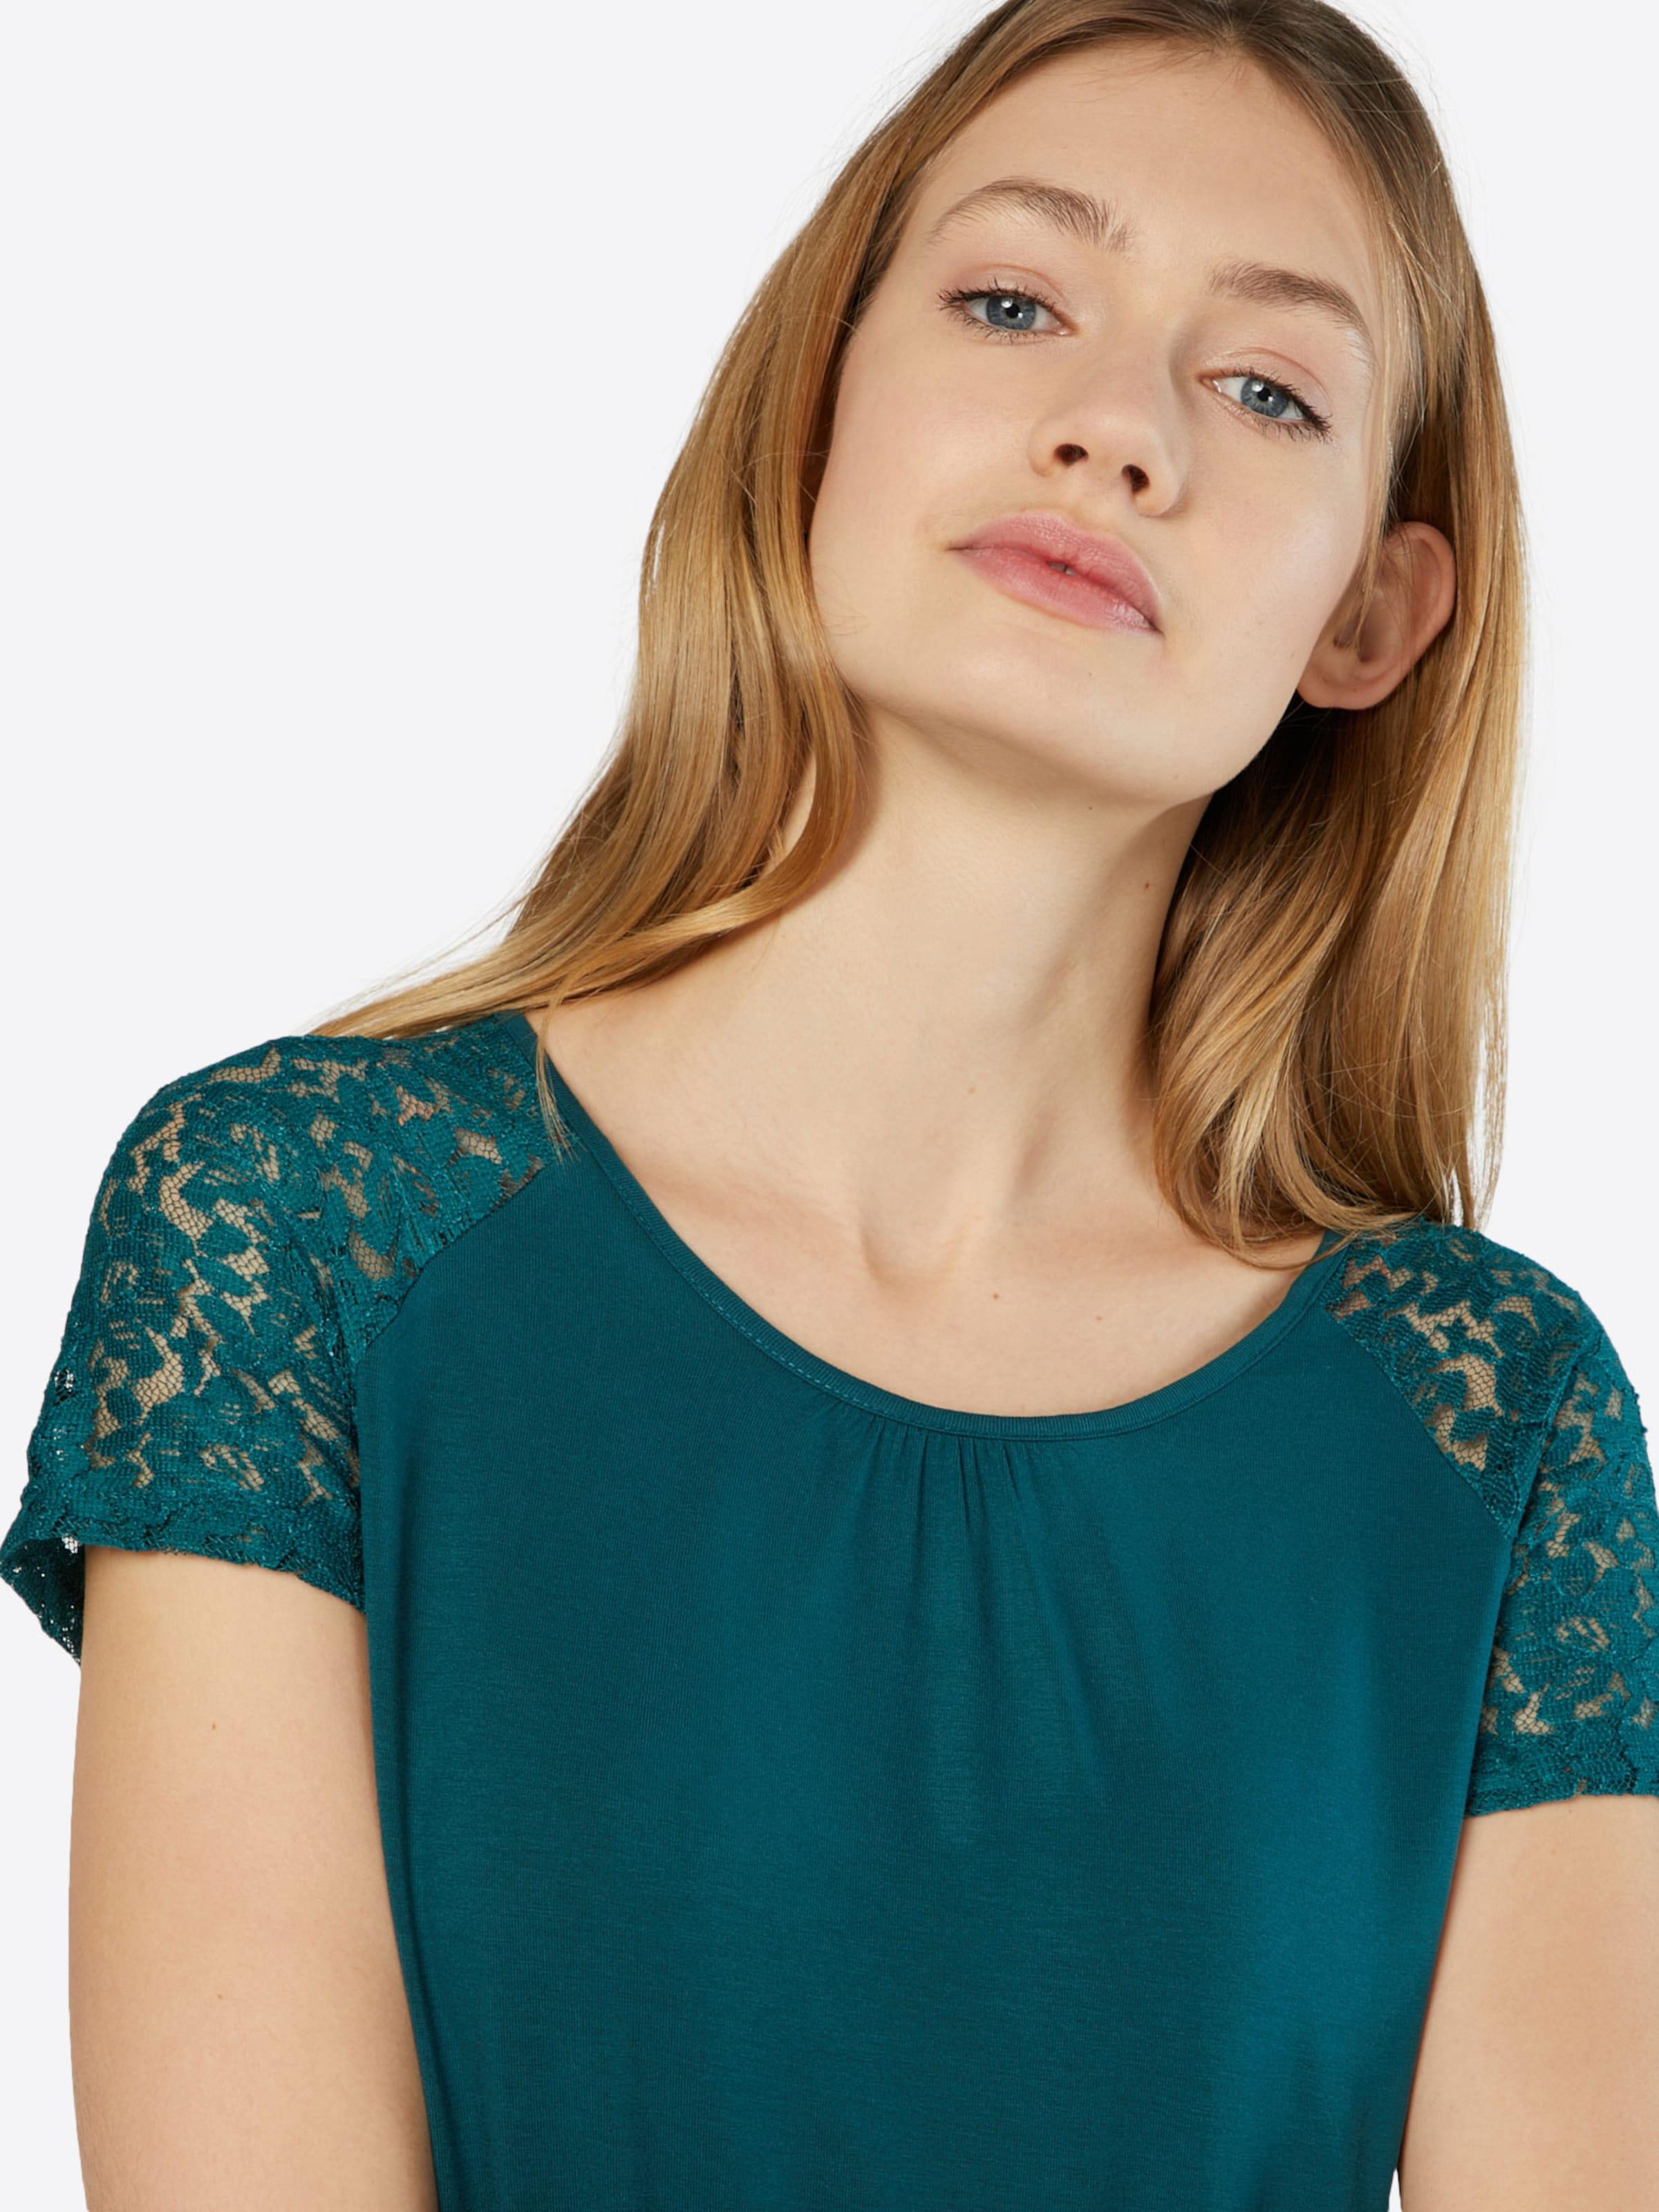 About Dress' You Vert Robe D'été 'lil Foncé En 5q4AjLRc3